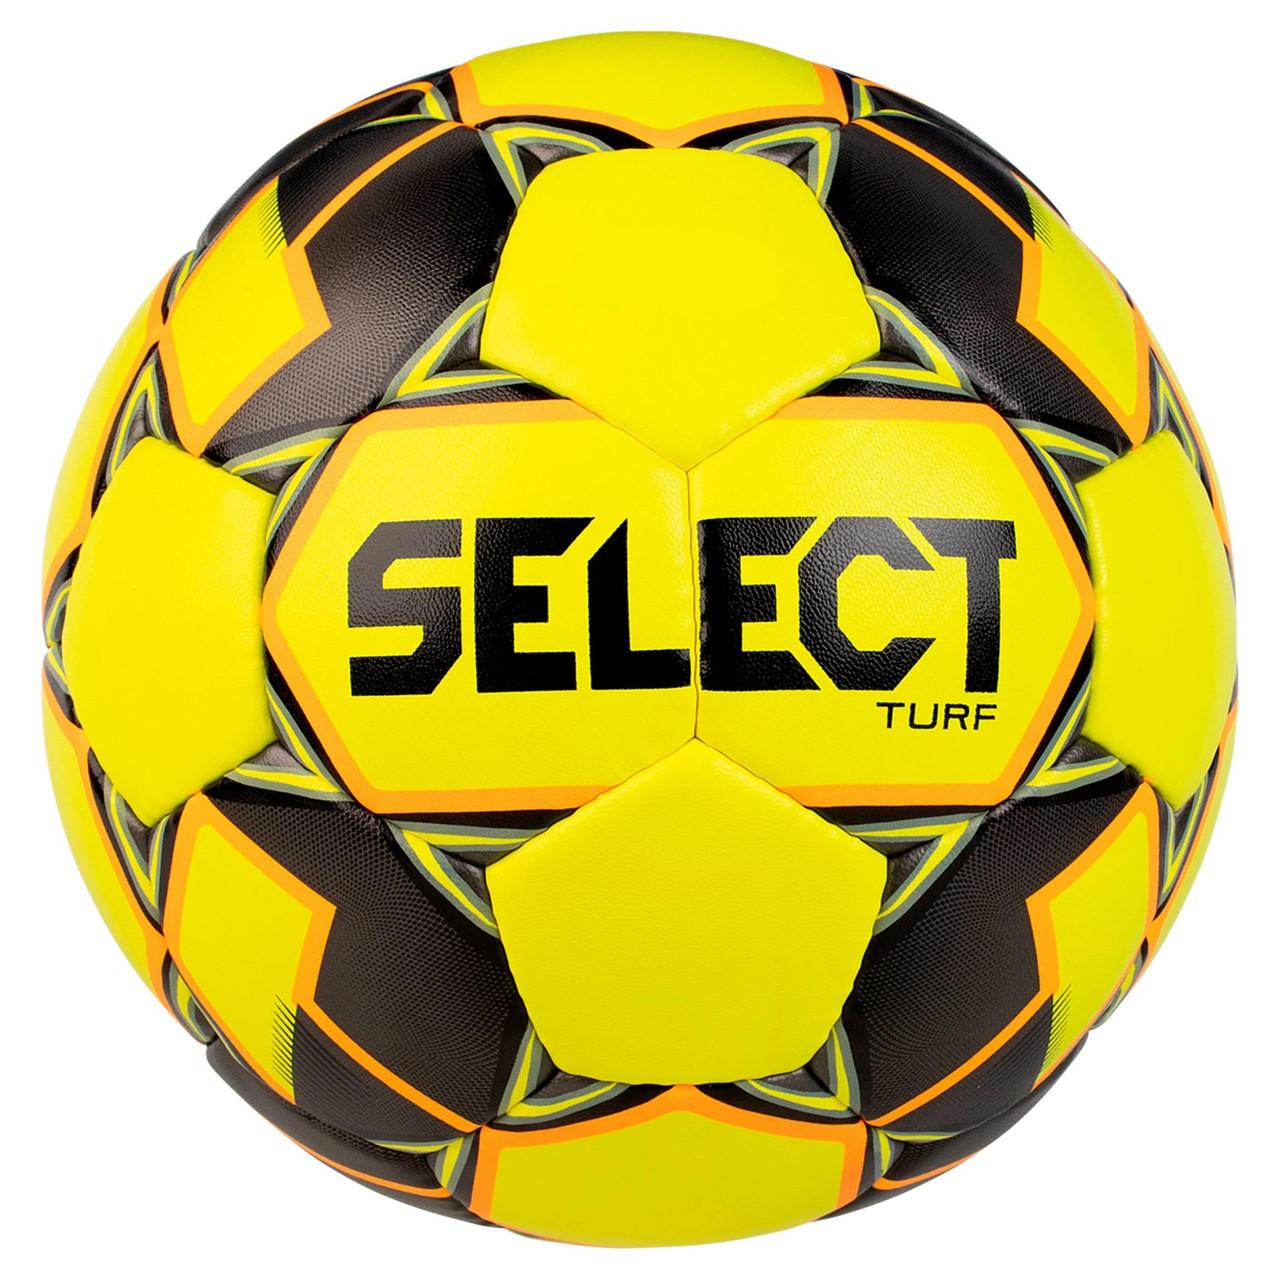 Select Turf Soccer Ball